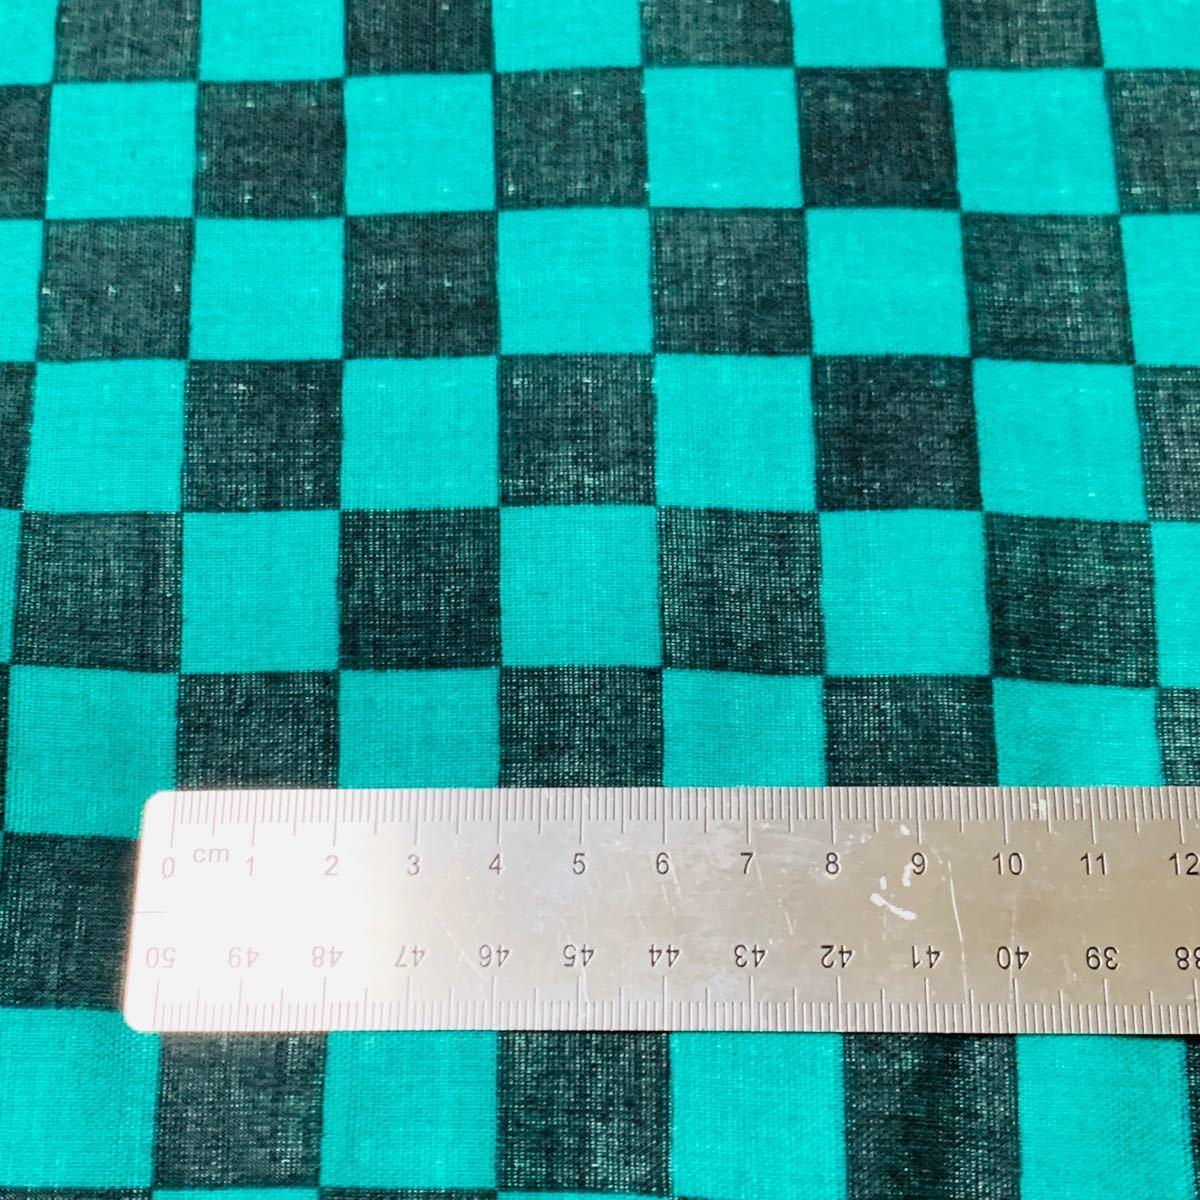 ハンドメイド人気人気小柄☆市松模様☆ダブルガーゼ生地綿100%約110×2メートル和柄はぎれ